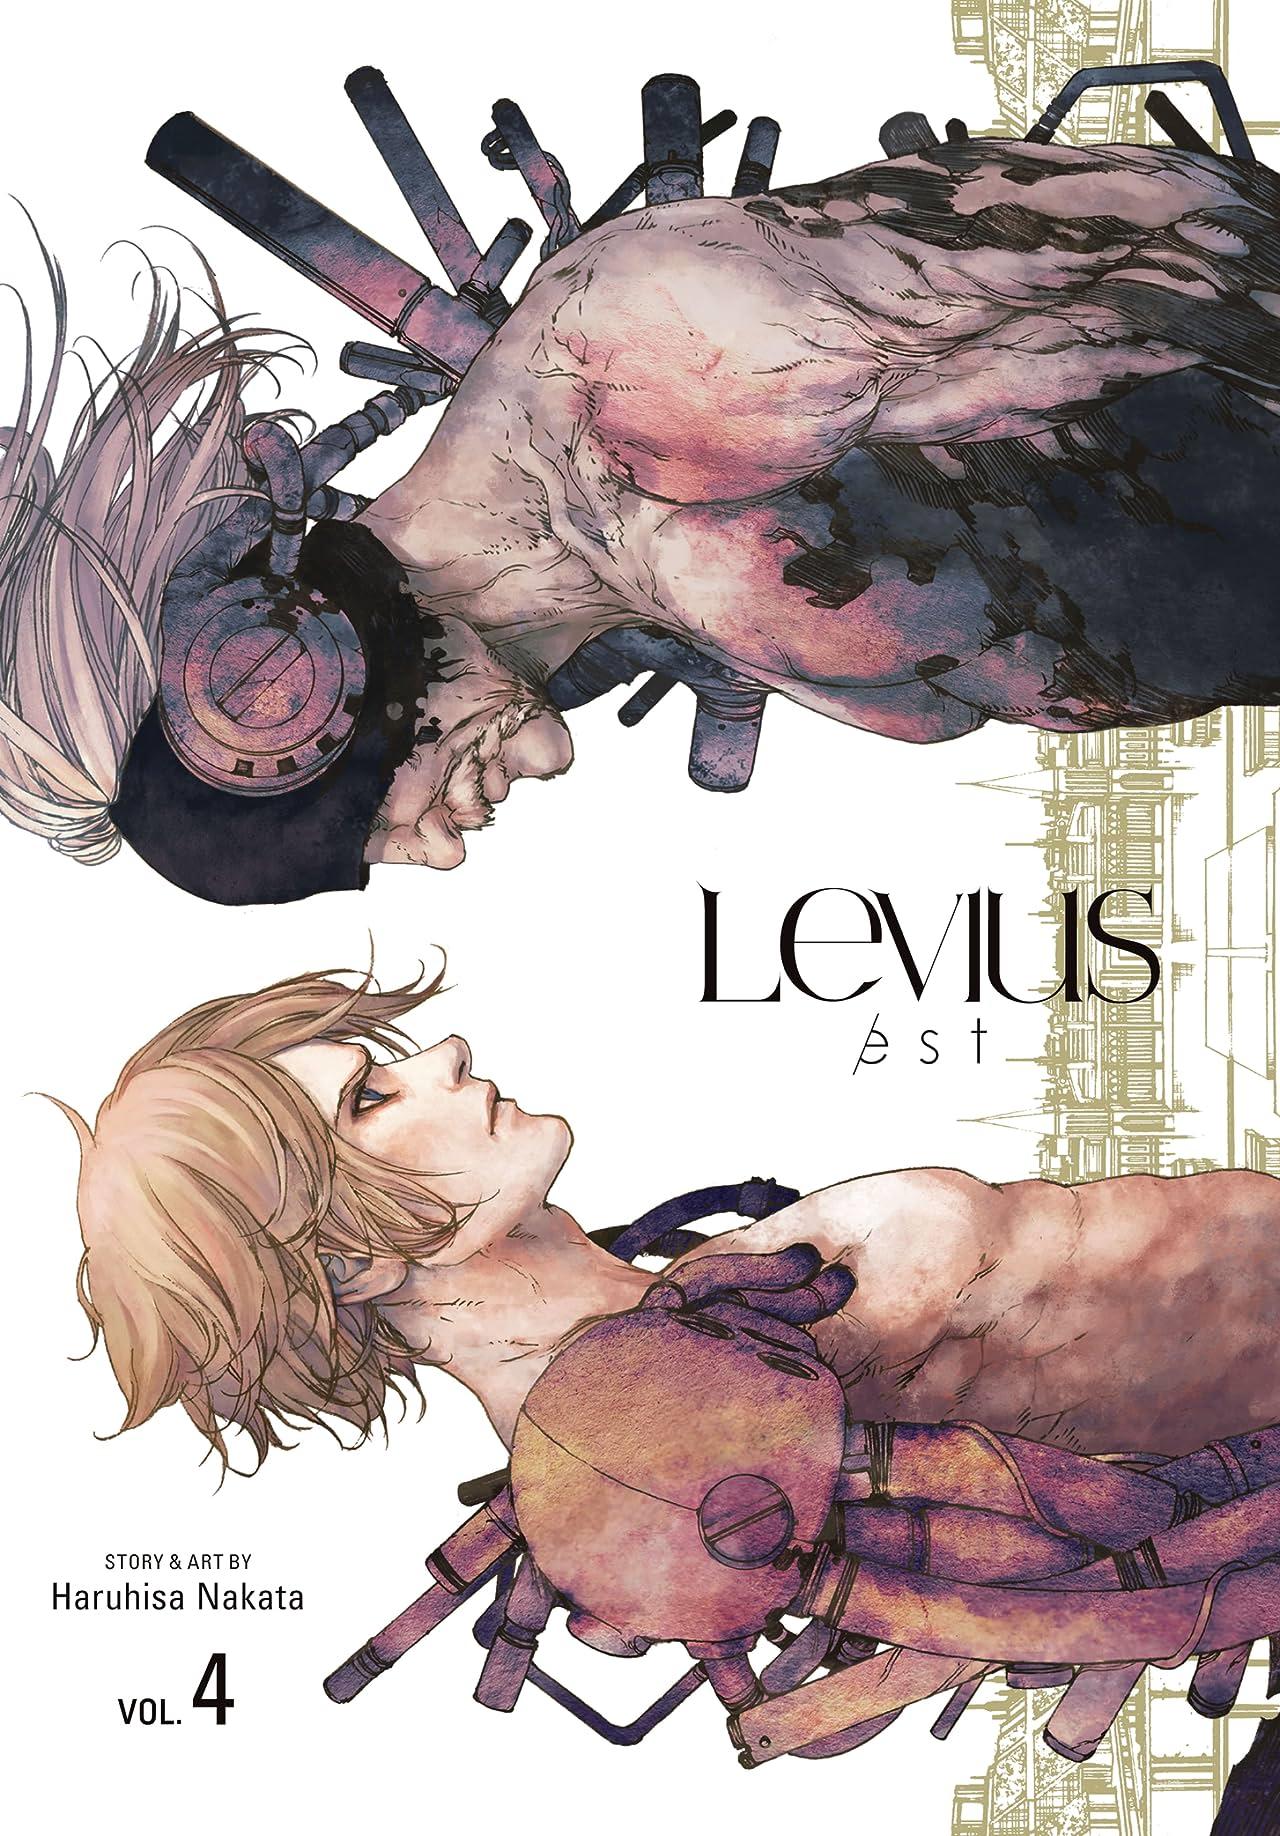 Levius/est Vol. 4